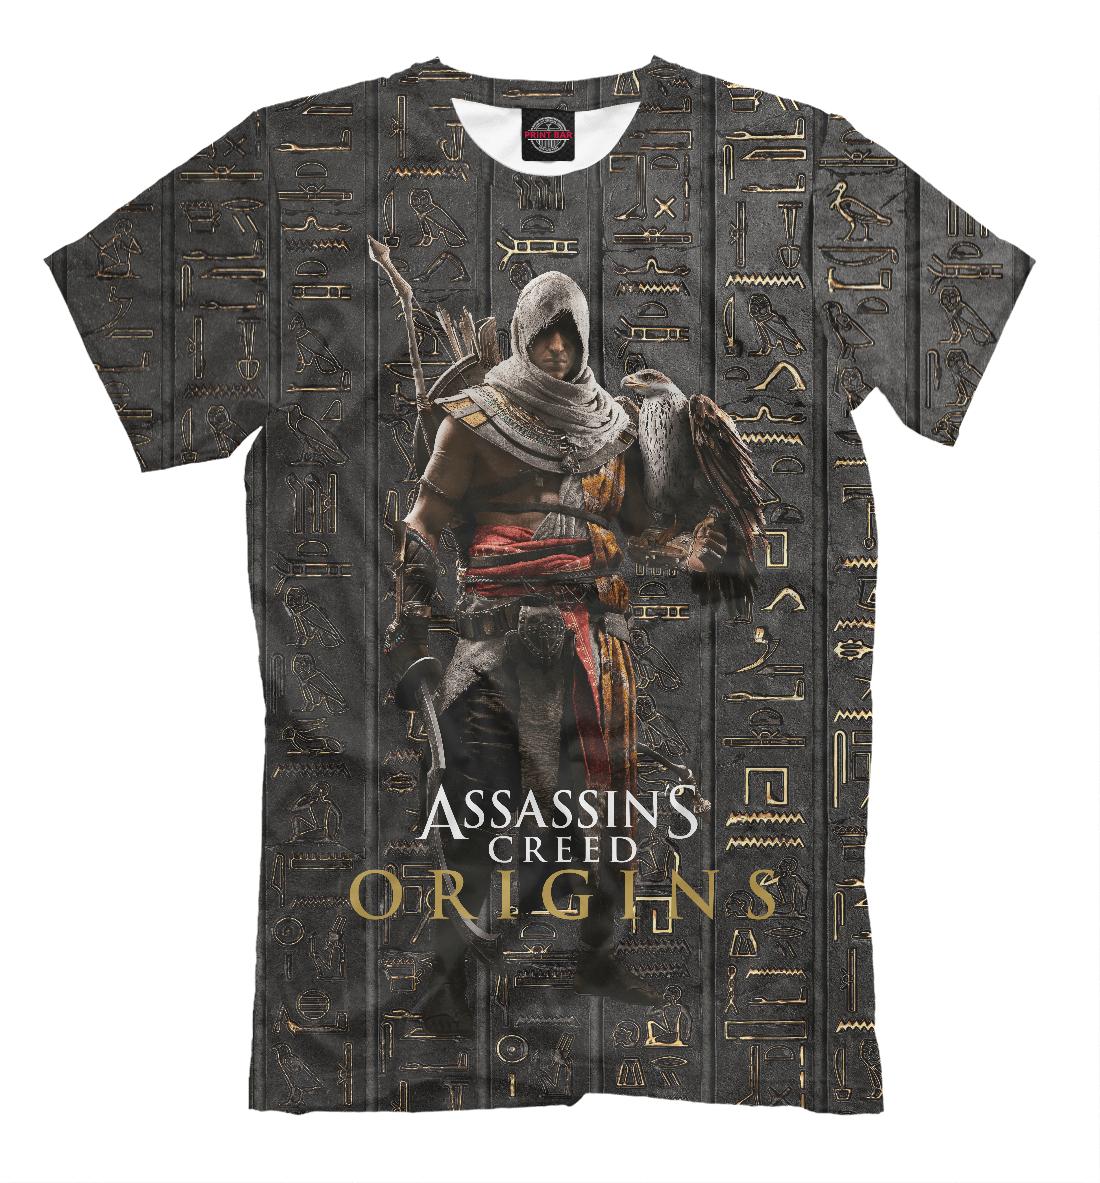 Купить Assassin's Creed Origins, Printbar, Футболки, ANC-943257-fut-2